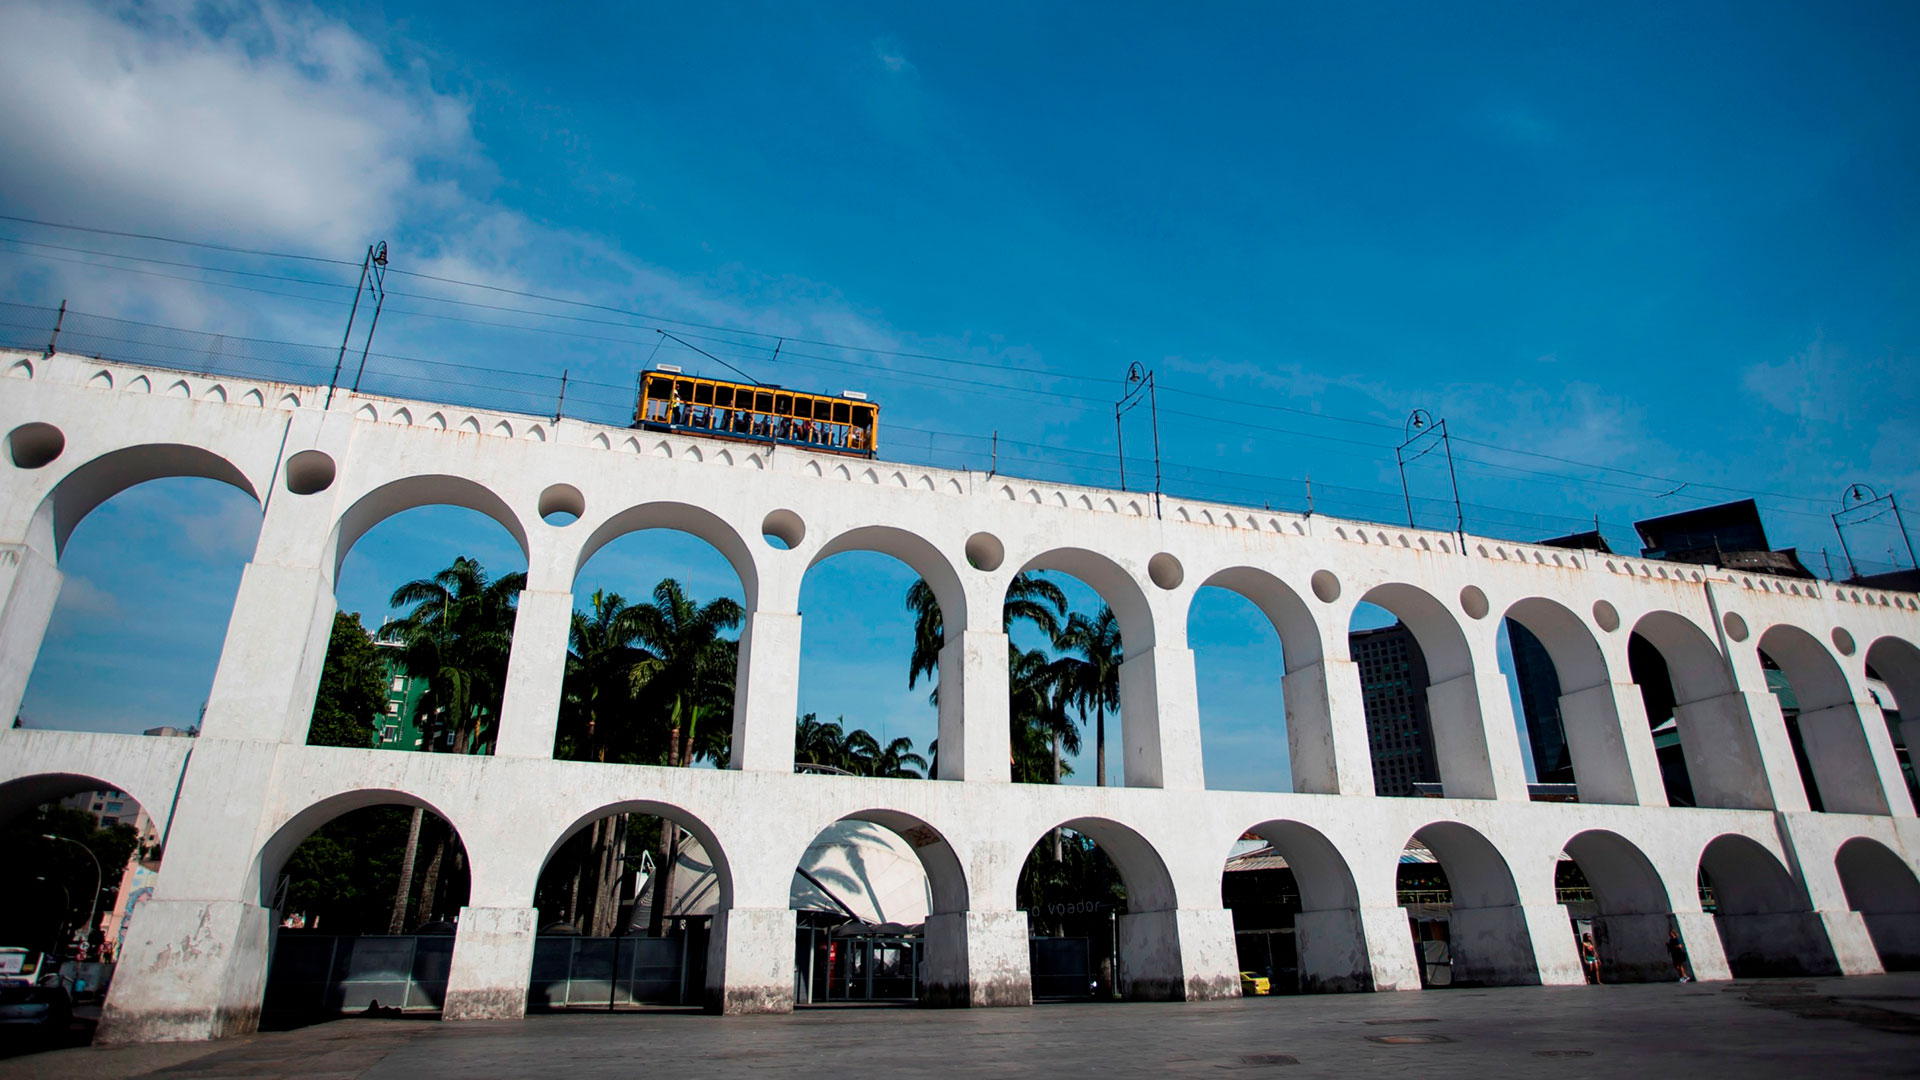 El lado bohemio de la ciudad es resaltado por los Arcos da Lapa